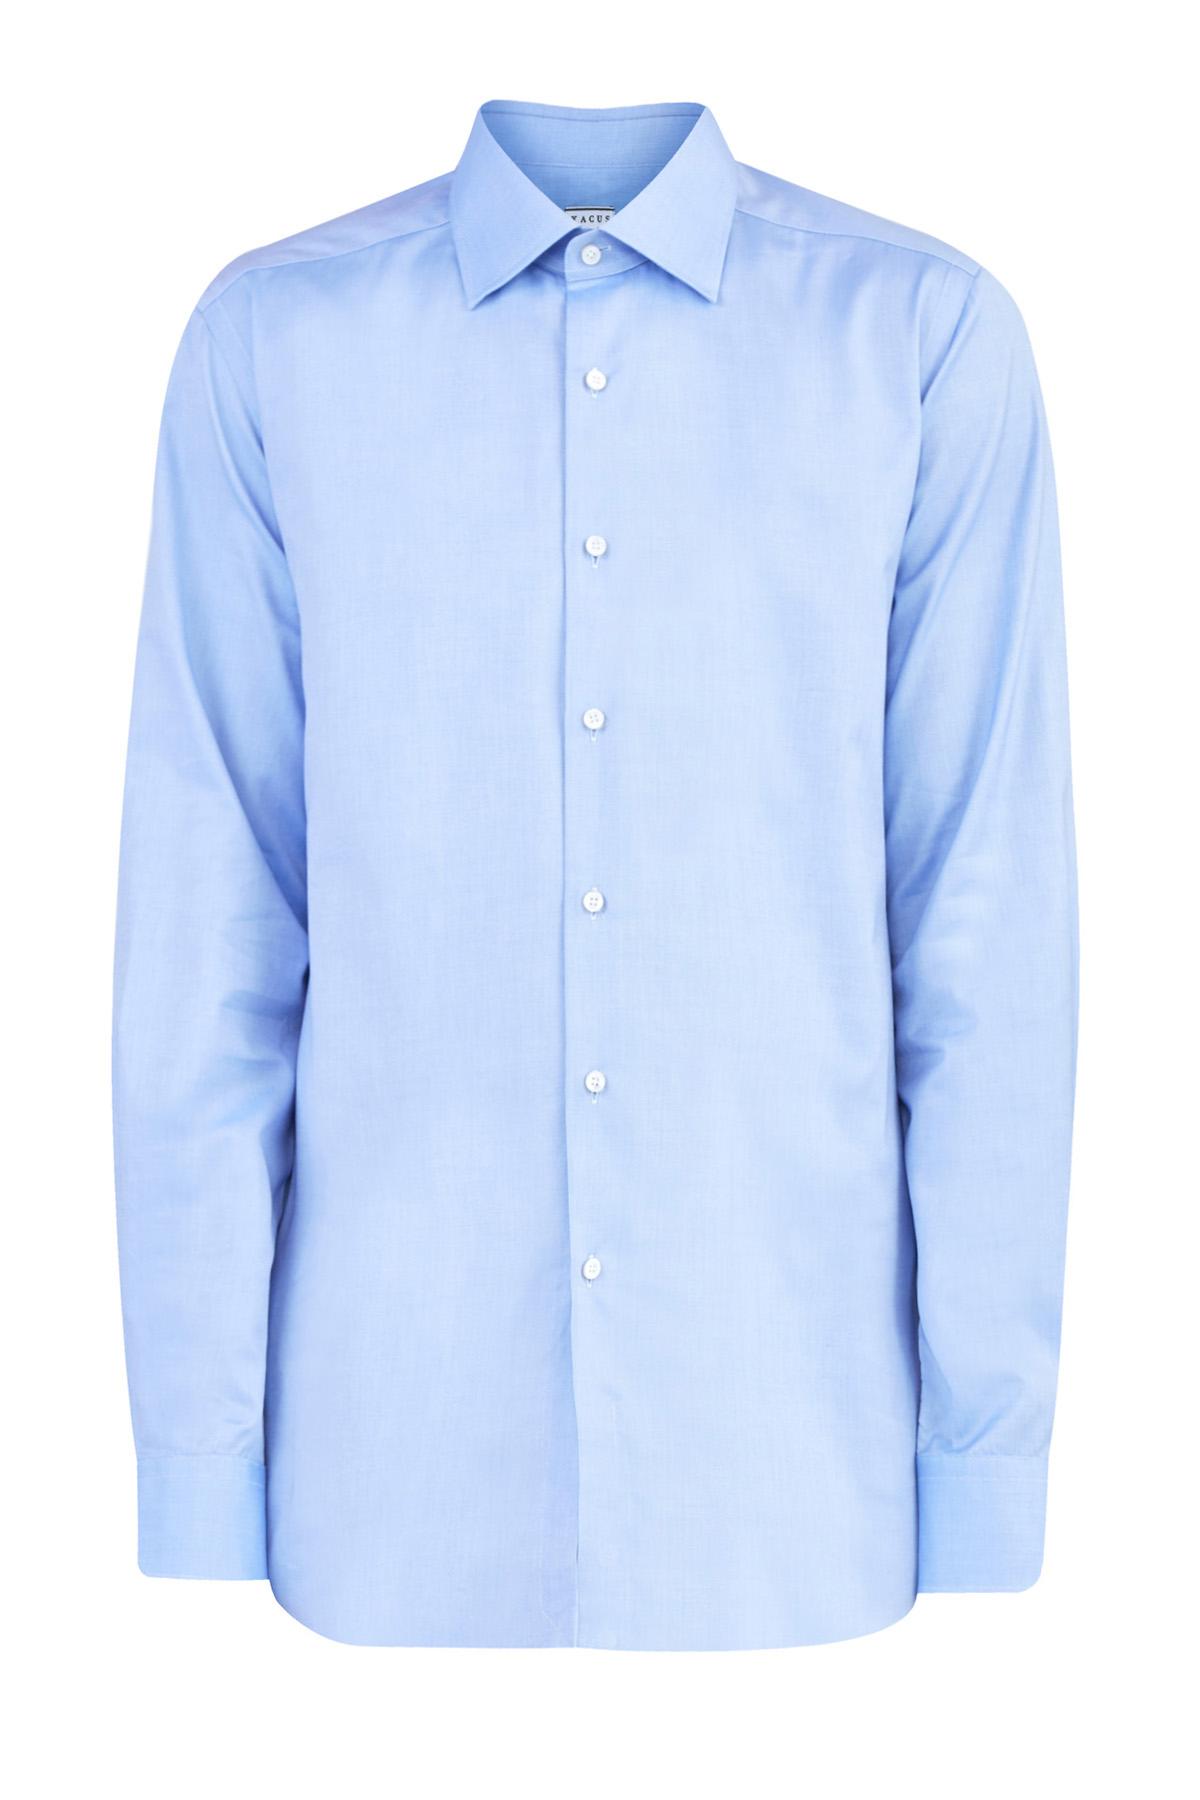 Рубашка свободного кроя tailor fit из хлопка с микротекстурой